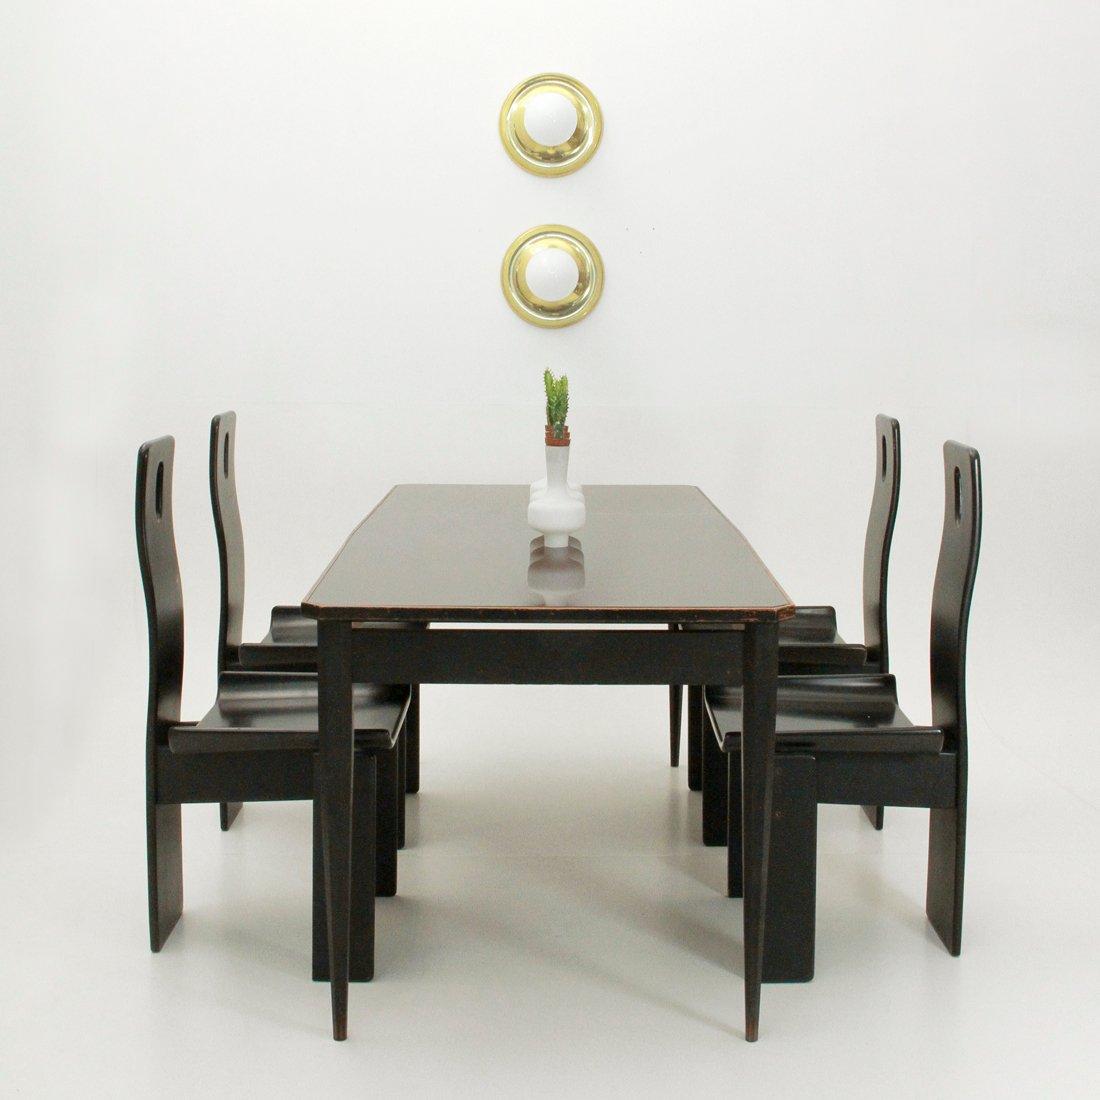 table de salle manger avec plateau de verre italie 1960s en vente sur pamono. Black Bedroom Furniture Sets. Home Design Ideas